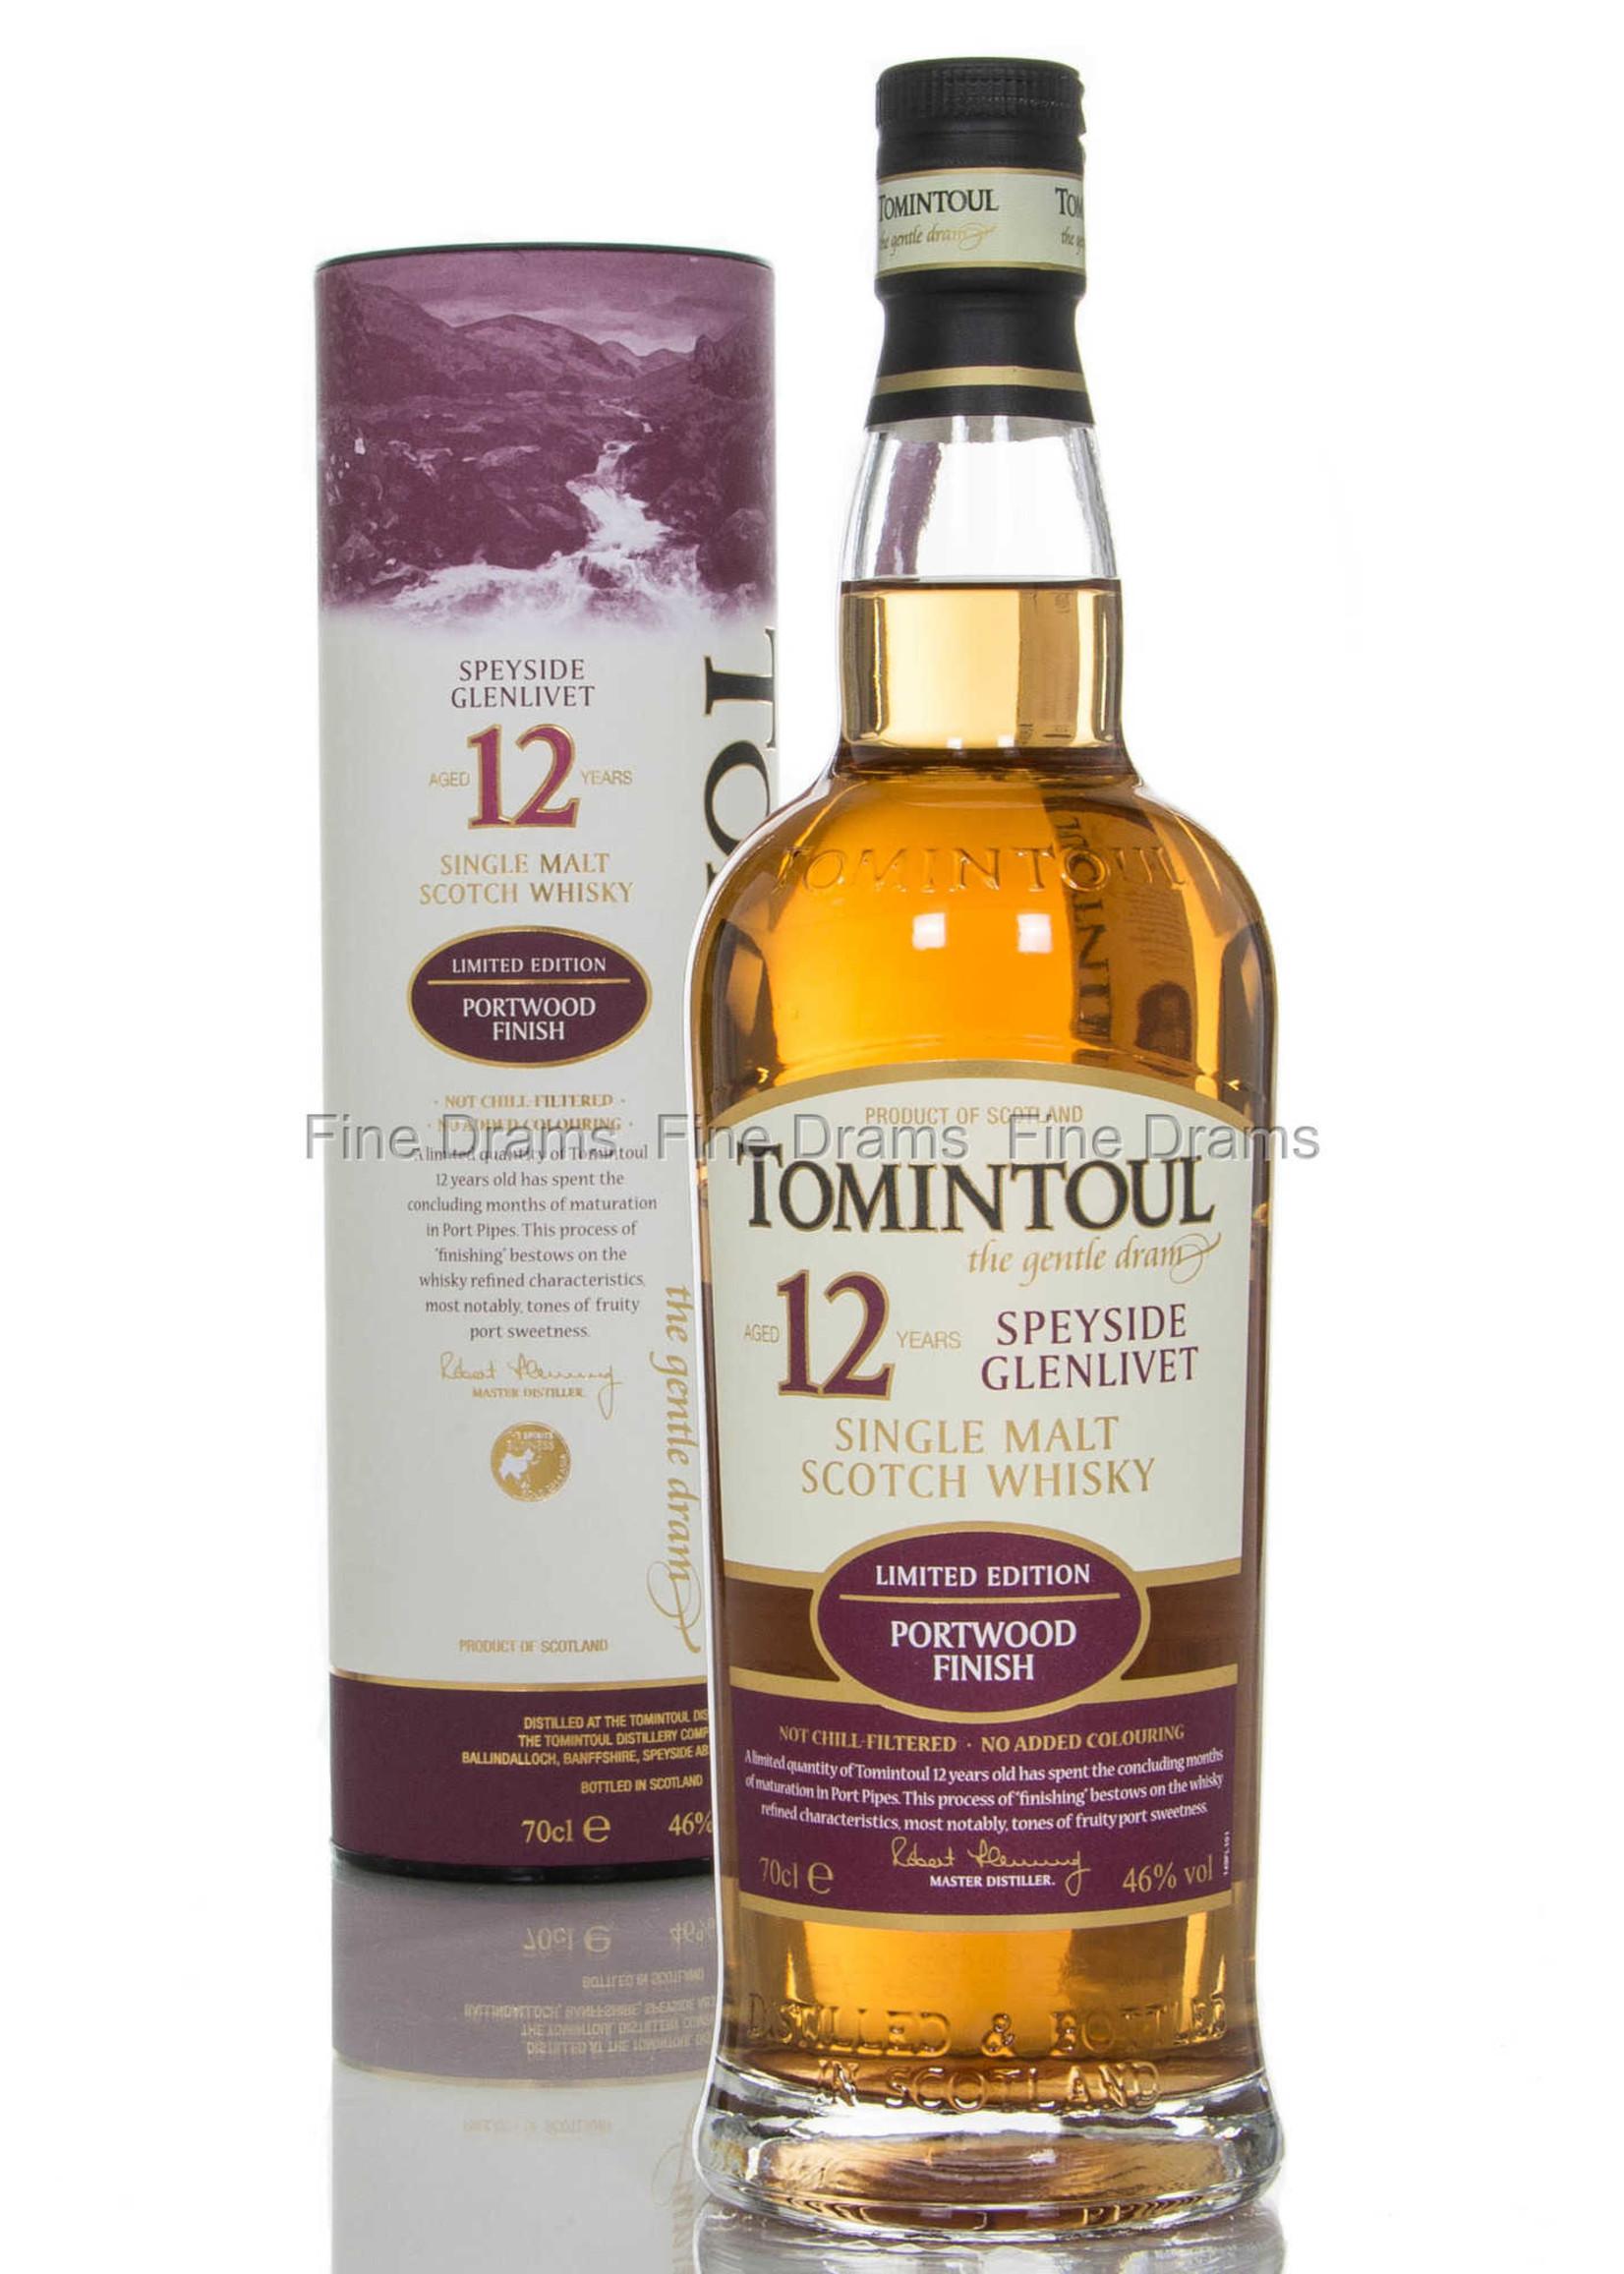 Tomintoul 12 Year Old Kedem Port Finish Single Malt Scotch Whisky 750ml